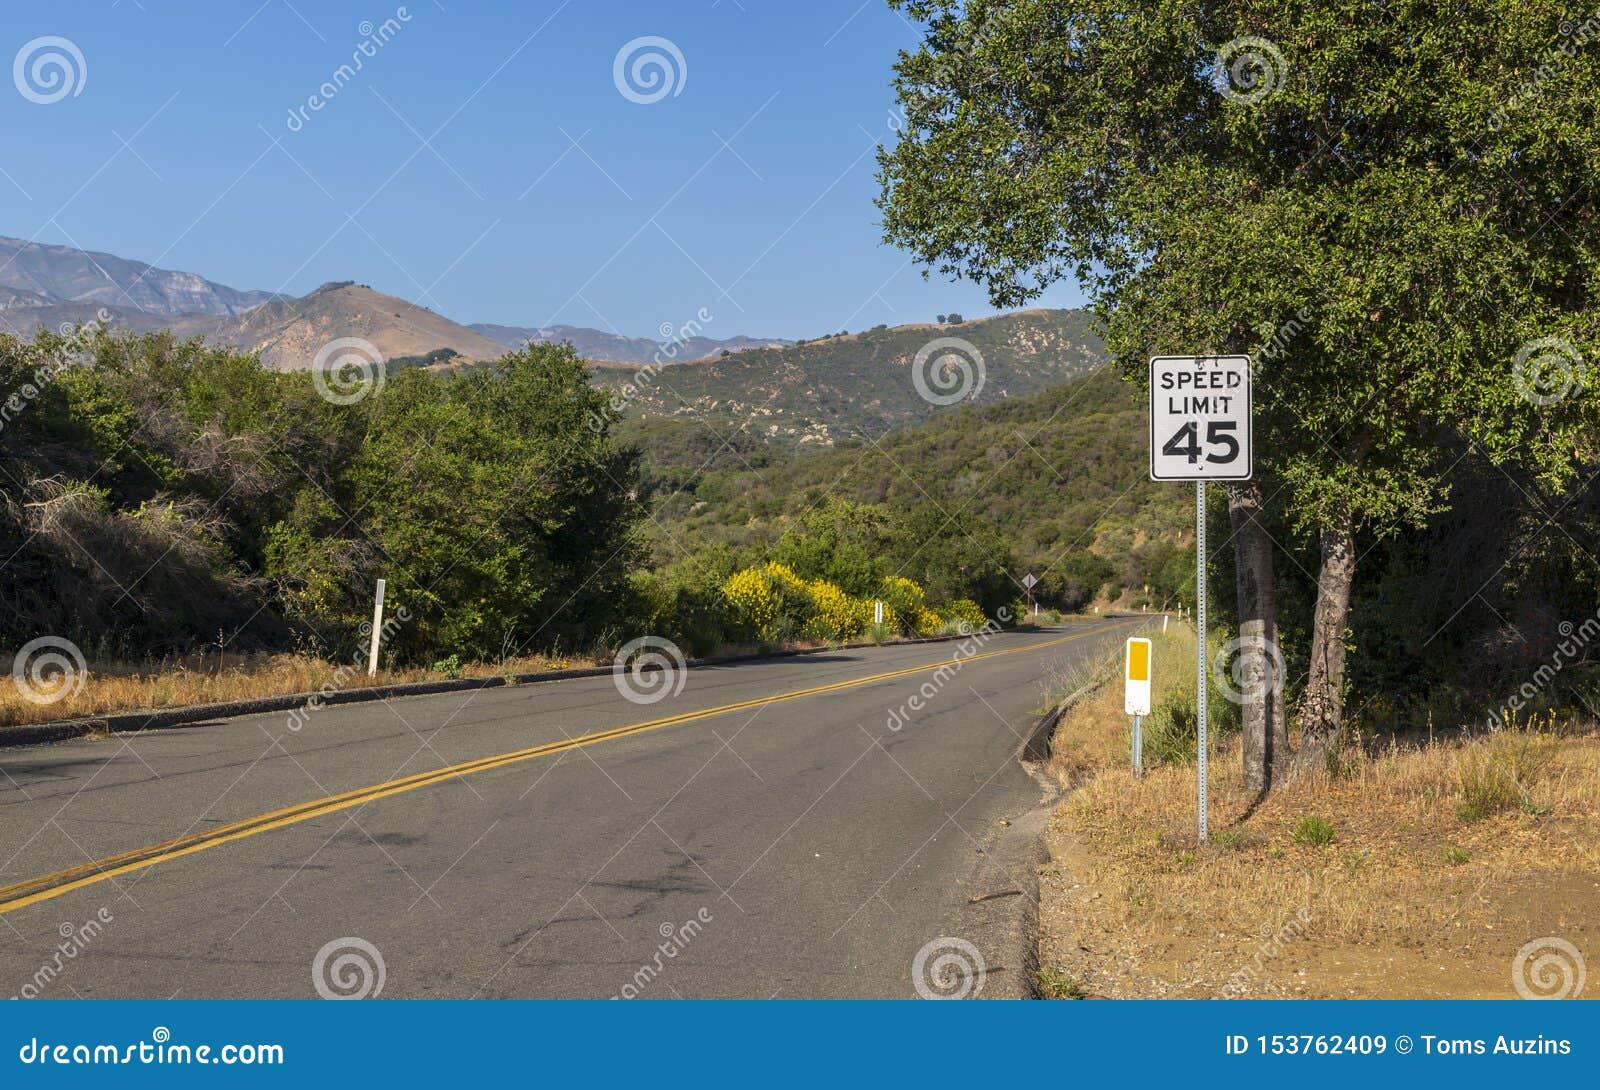 Paradise Road, горы Санта-Барбара, Santa Ynez, Калифорния, Соединенные Штаты Америки, Северная Америка